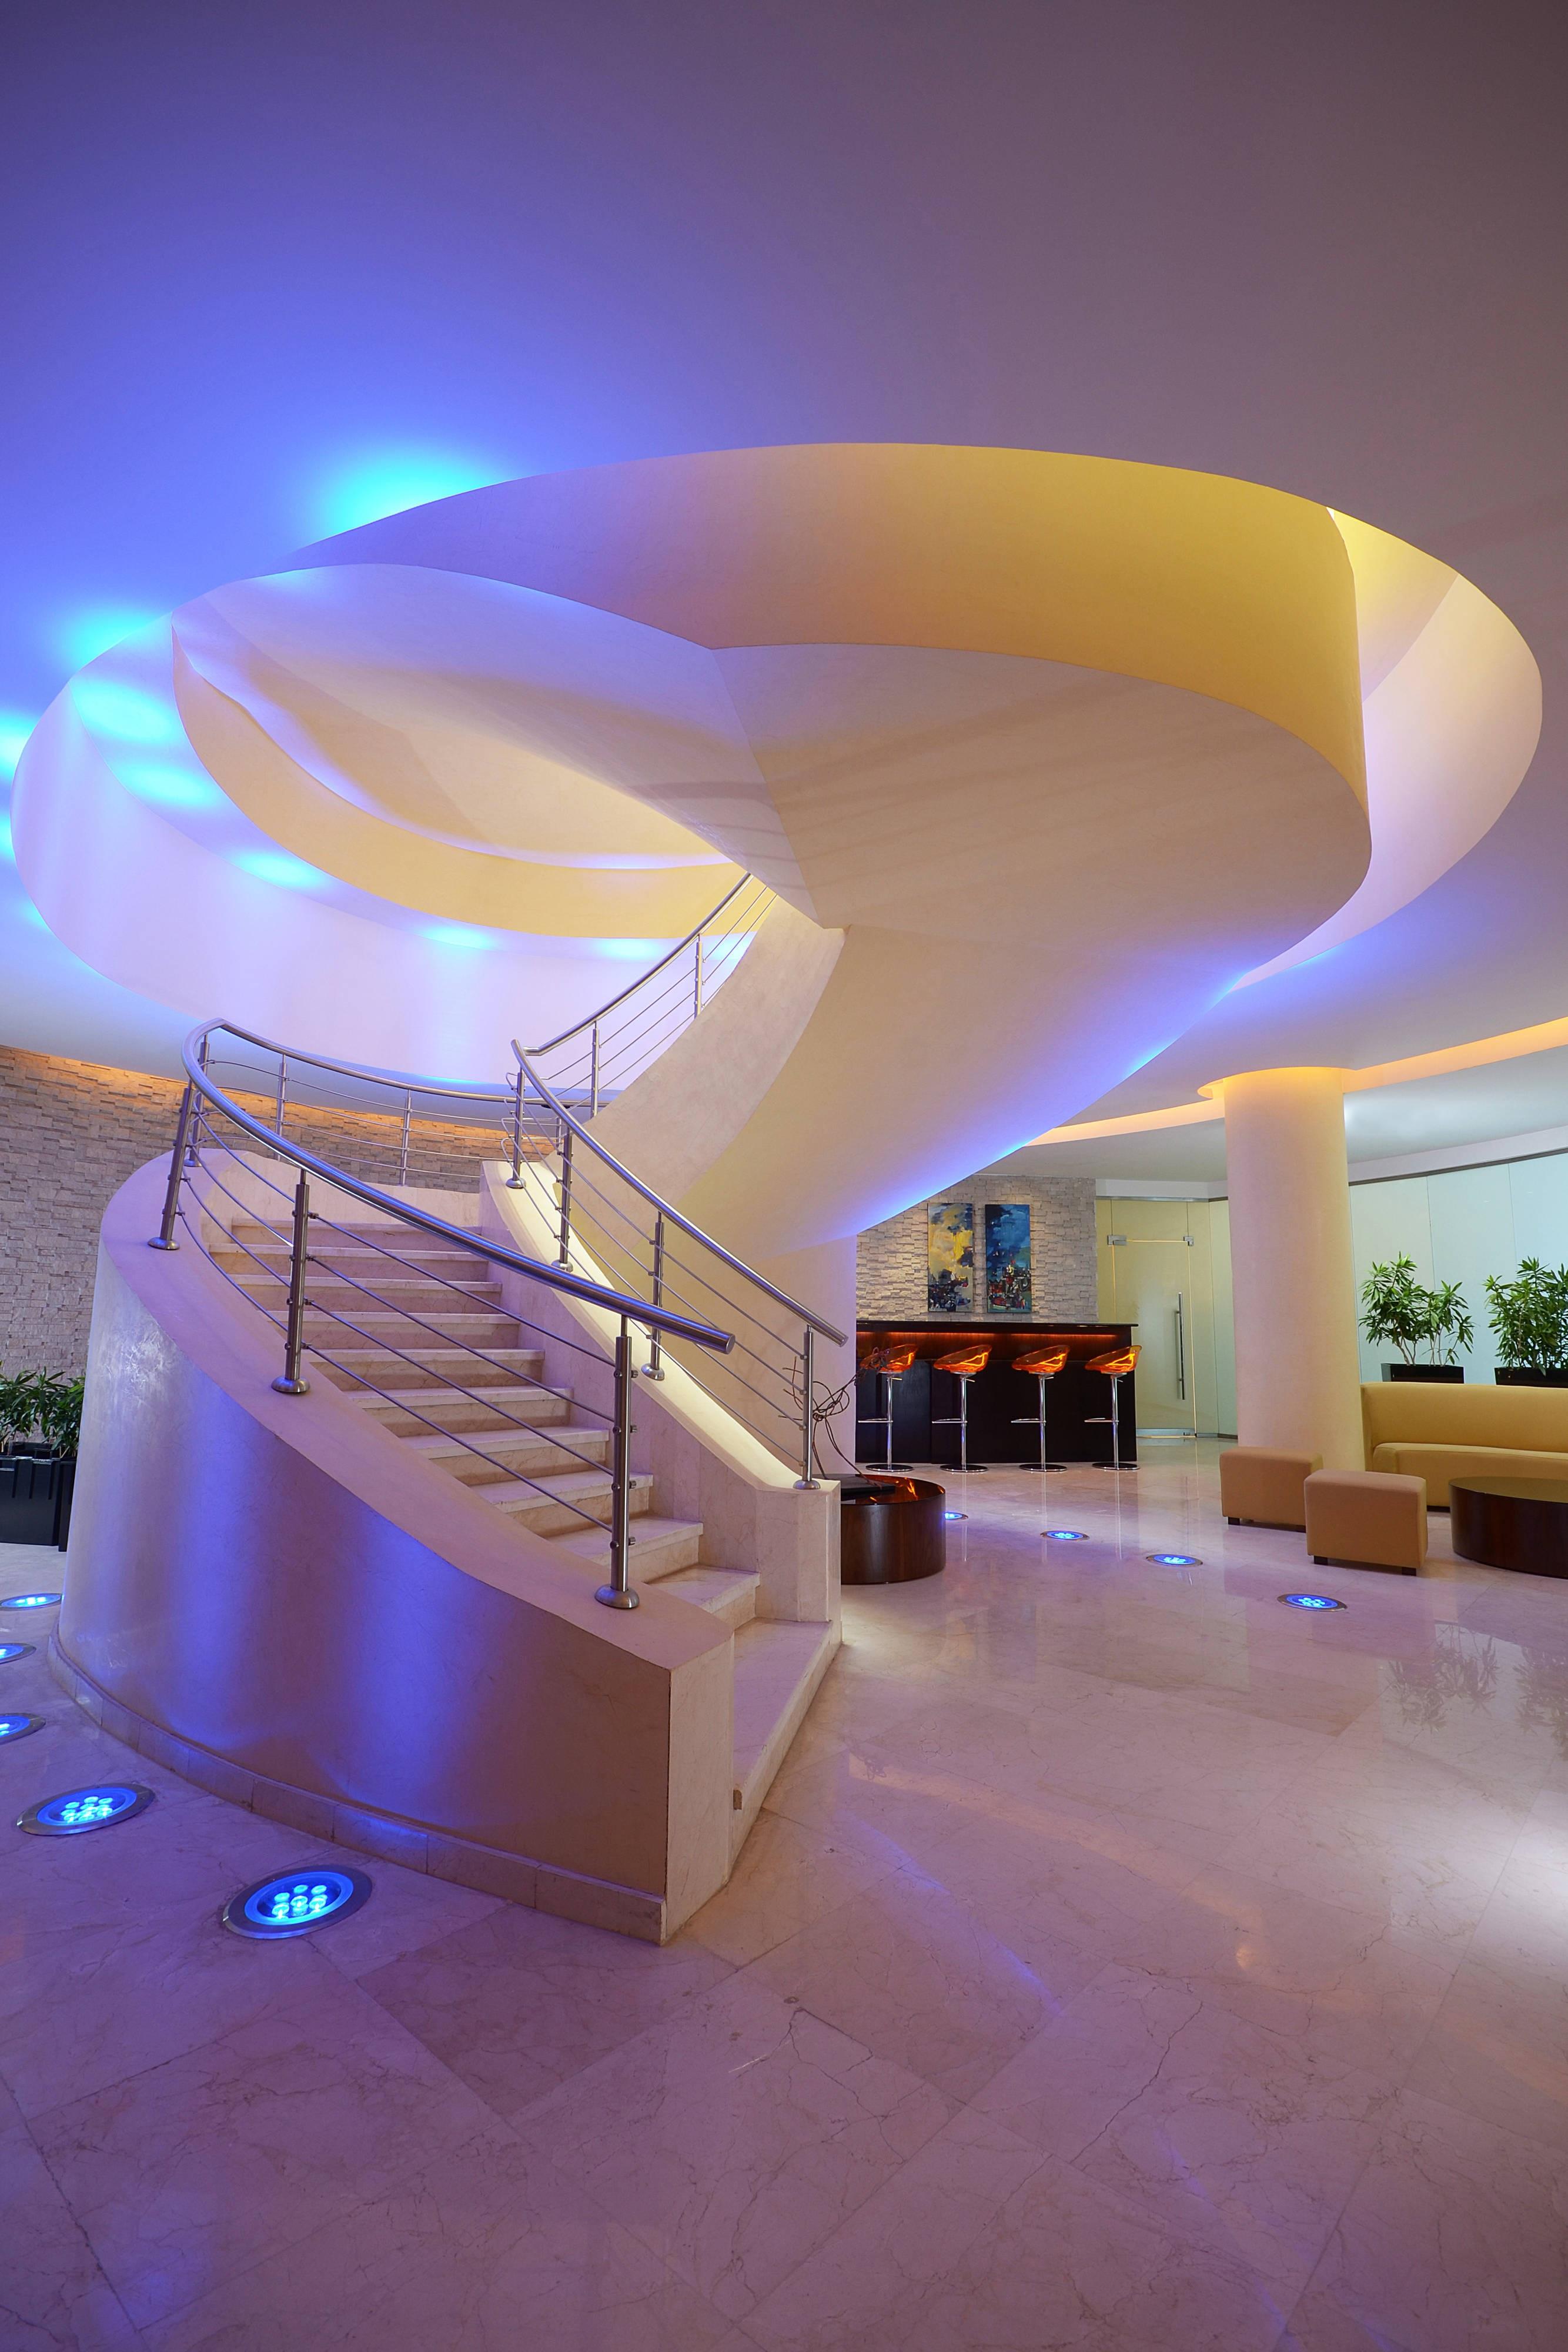 Explore Spa - Entrance Staircase